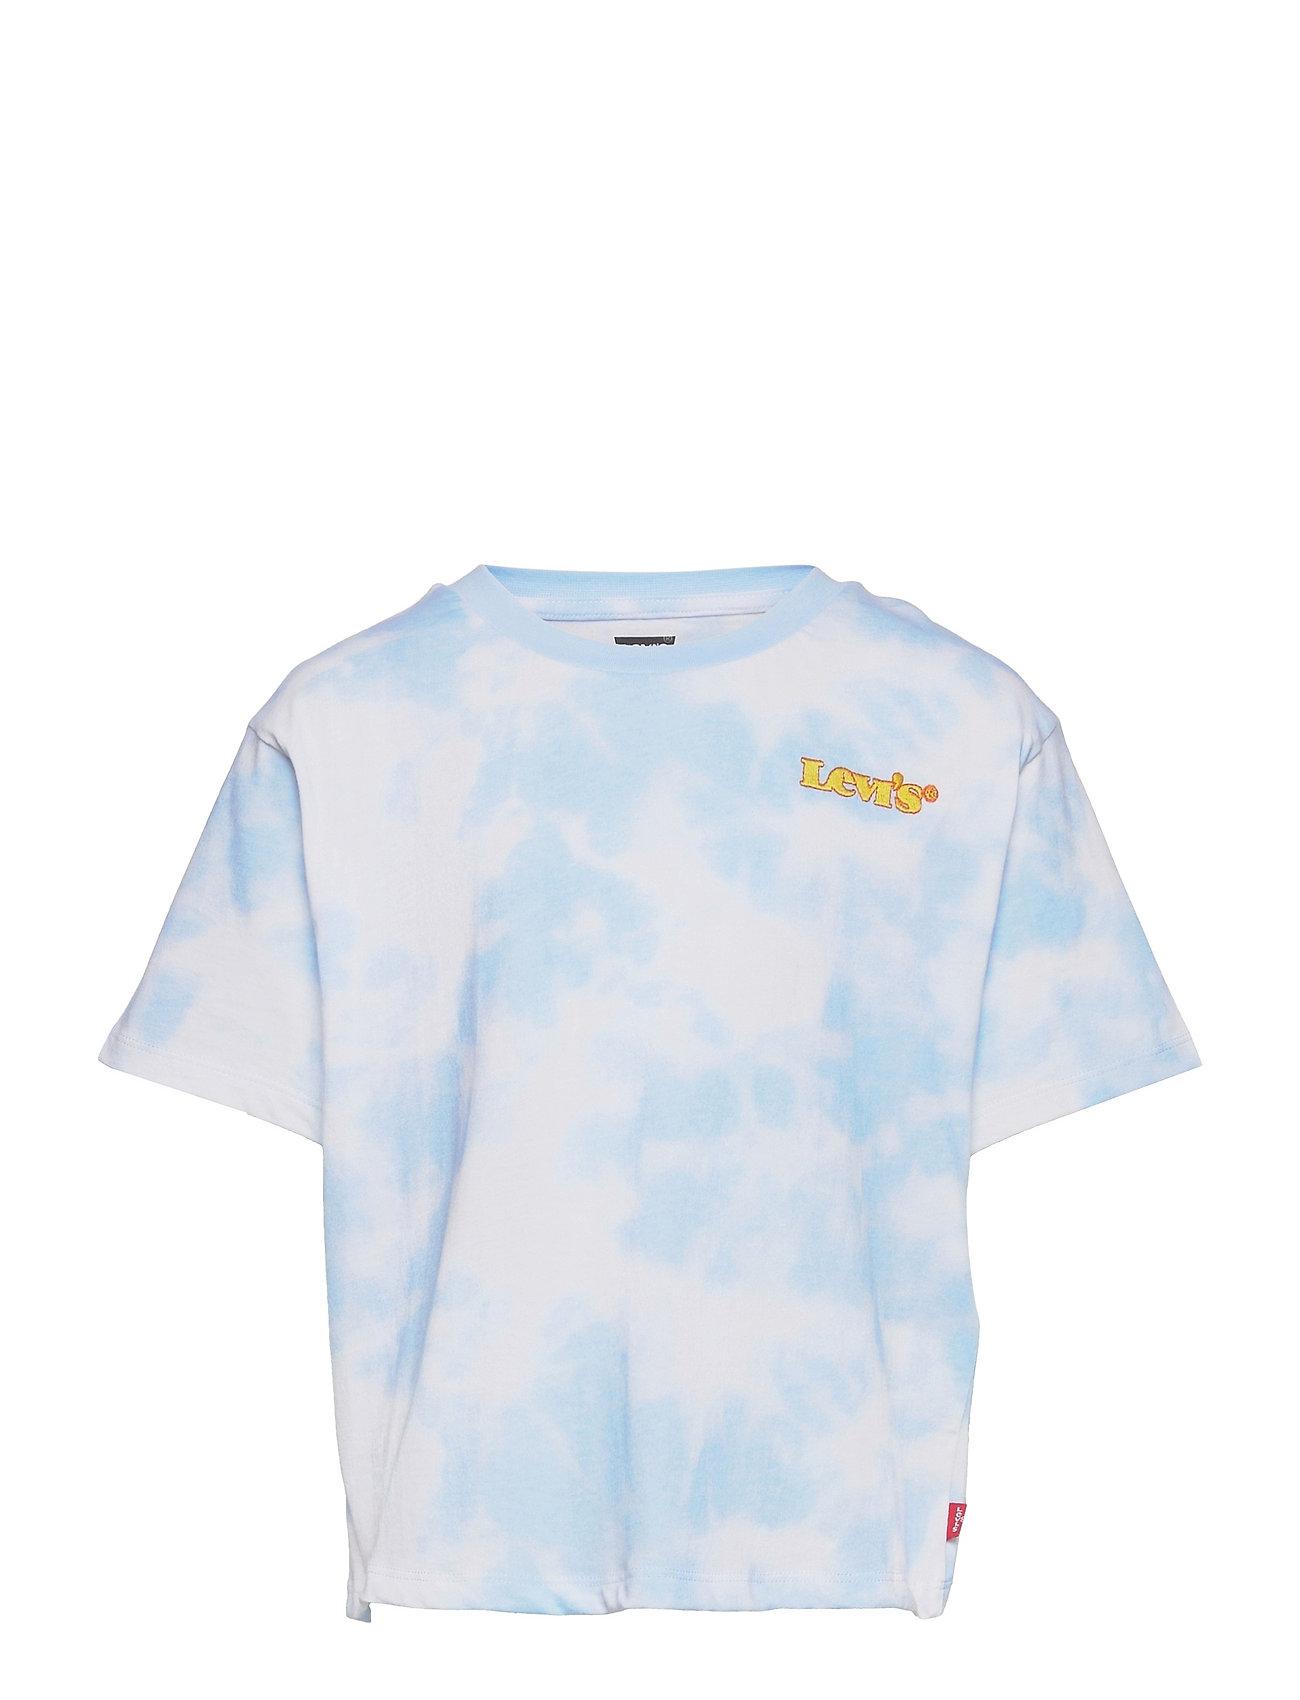 Lvg High Rise Jordi Tee T-shirt Blå Levi's